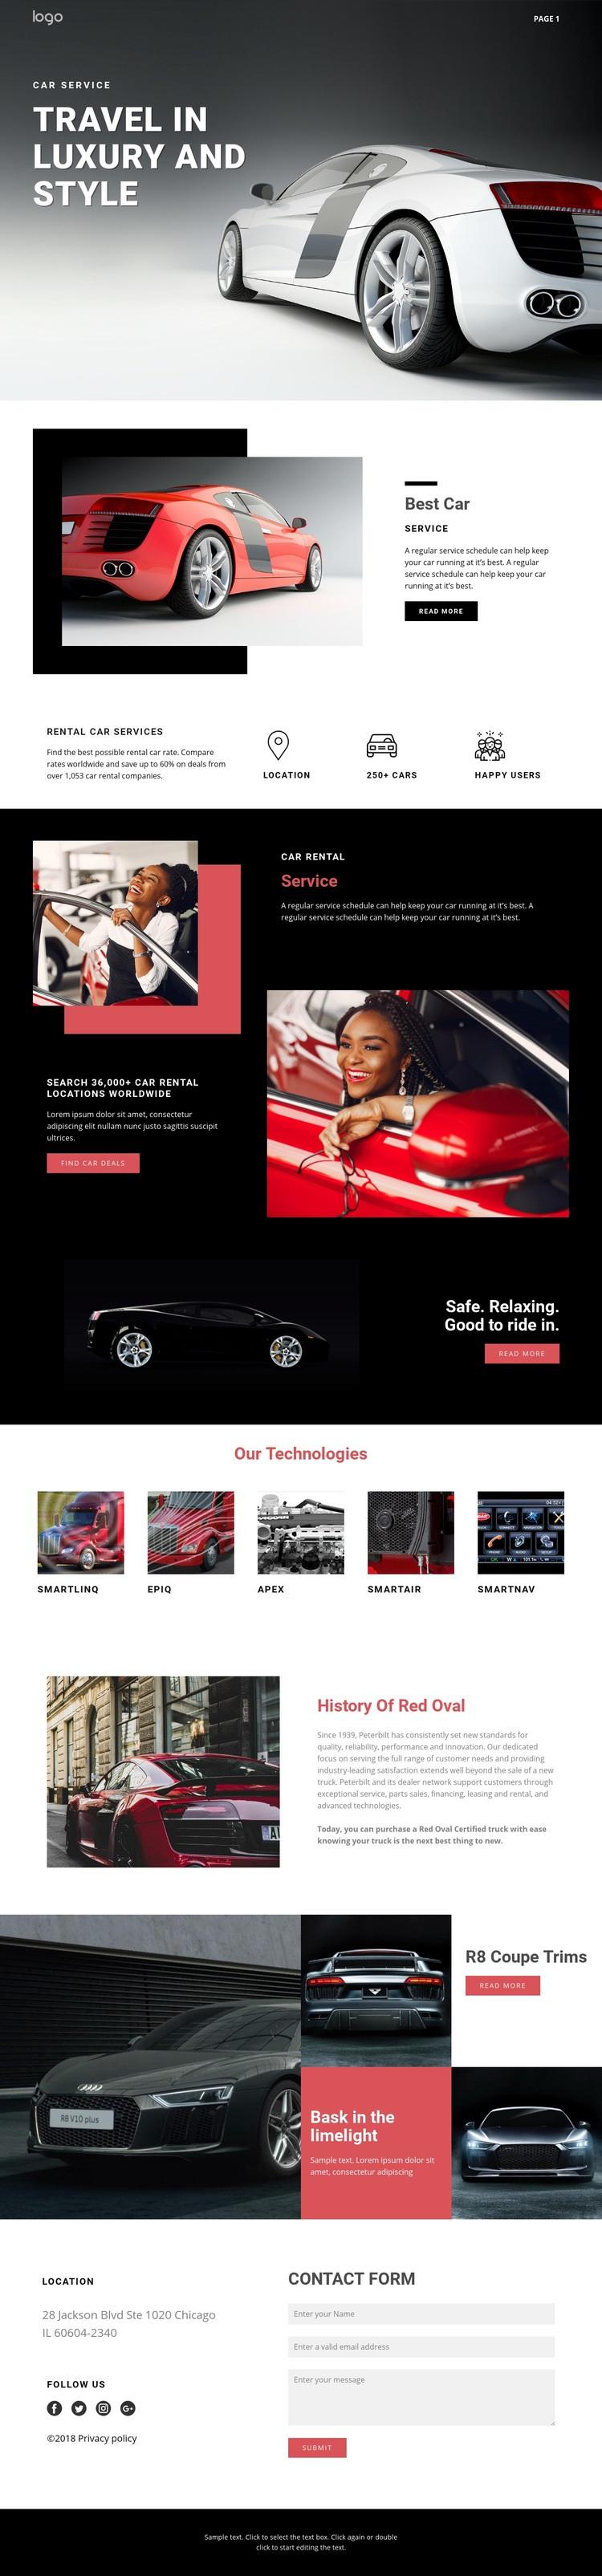 Traveling in luxury cars Wysiwyg Editor Html